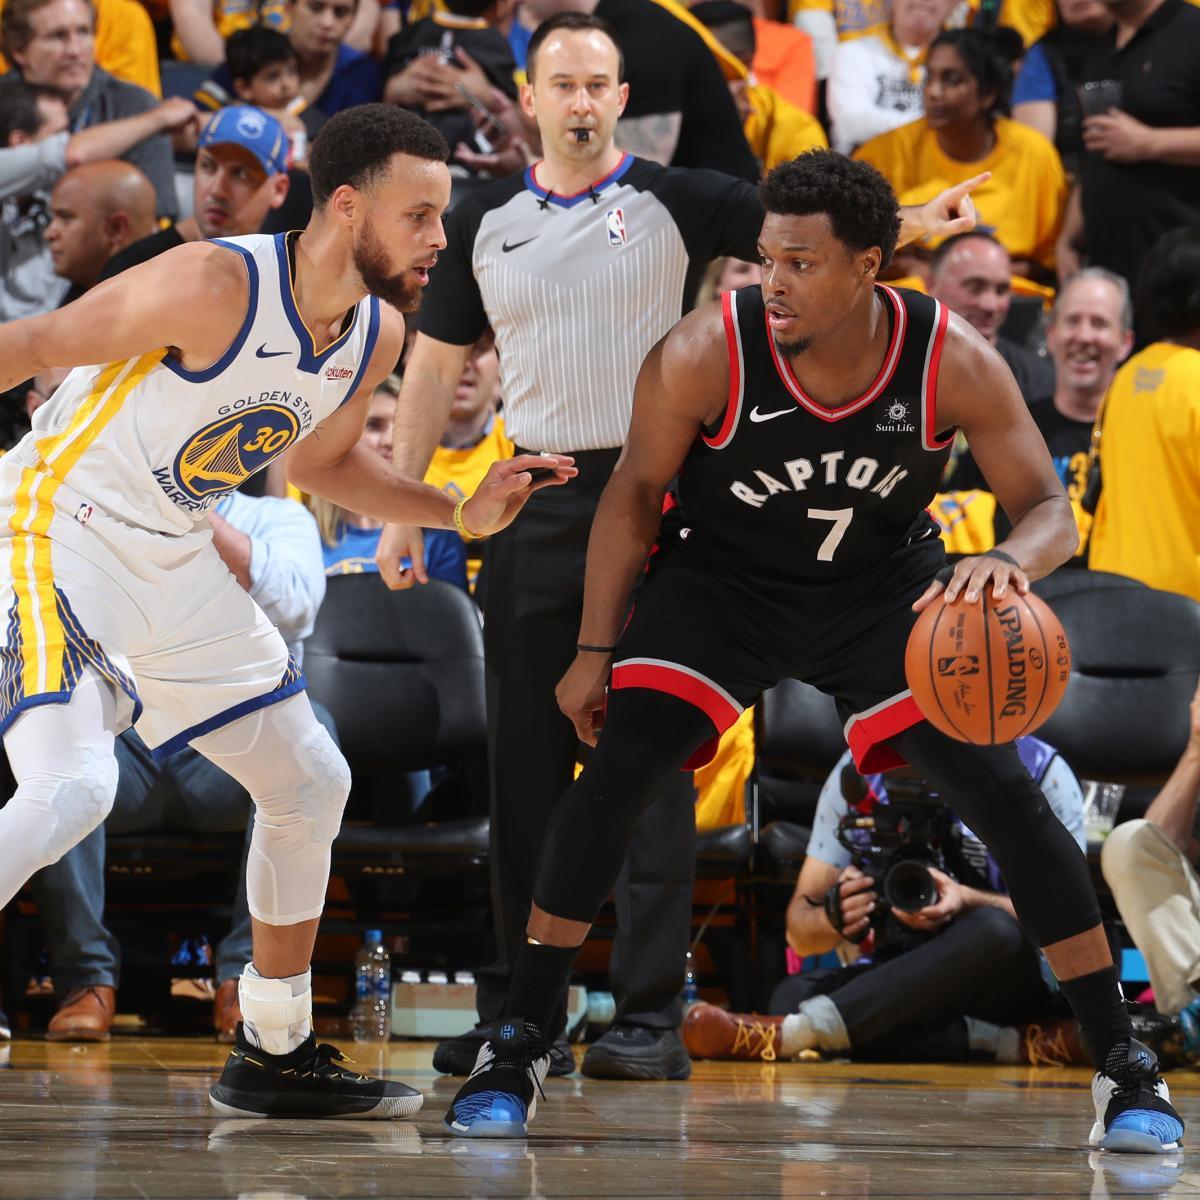 NBA Finals 2019: Raptors Vs. Warriors Game 4 TV Schedule